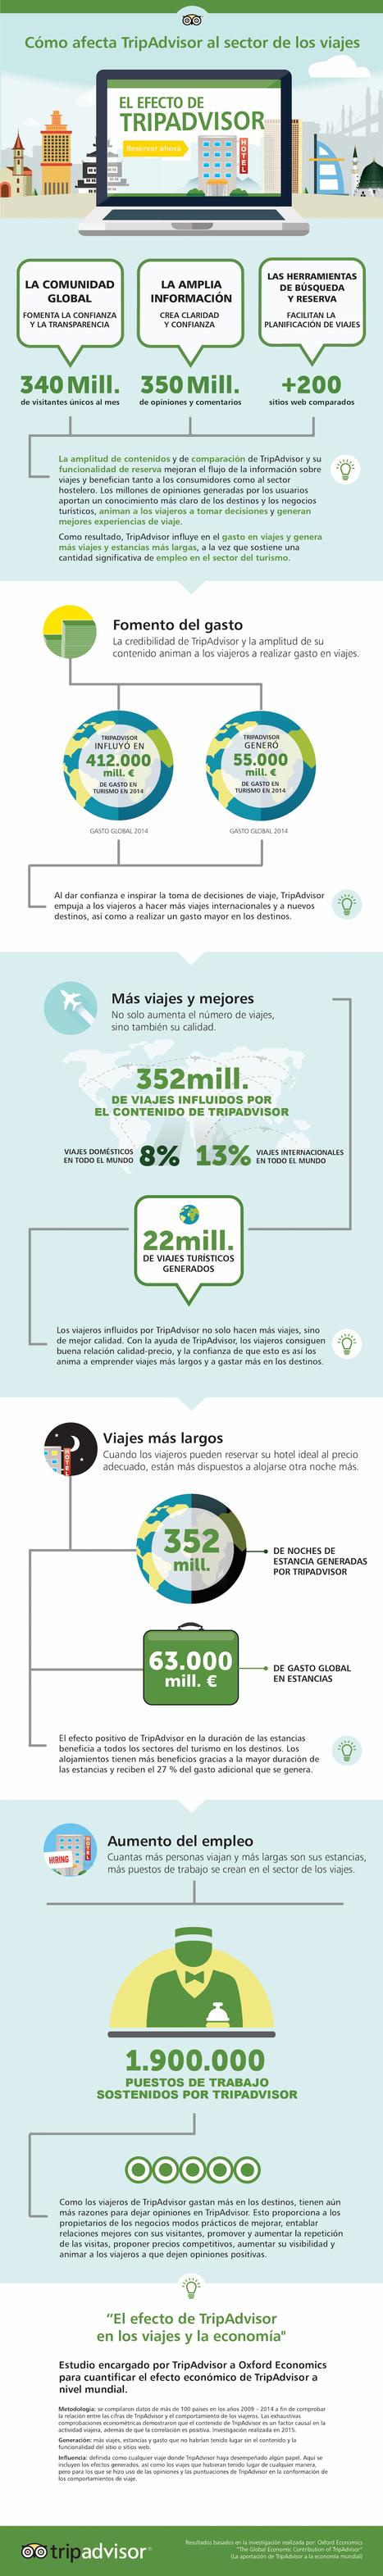 #Competitividad Turística : El efecto de TripAdvisor en el turismo by @turcompetitivo | Estrategias Competitivas en Turismo: | Scoop.it